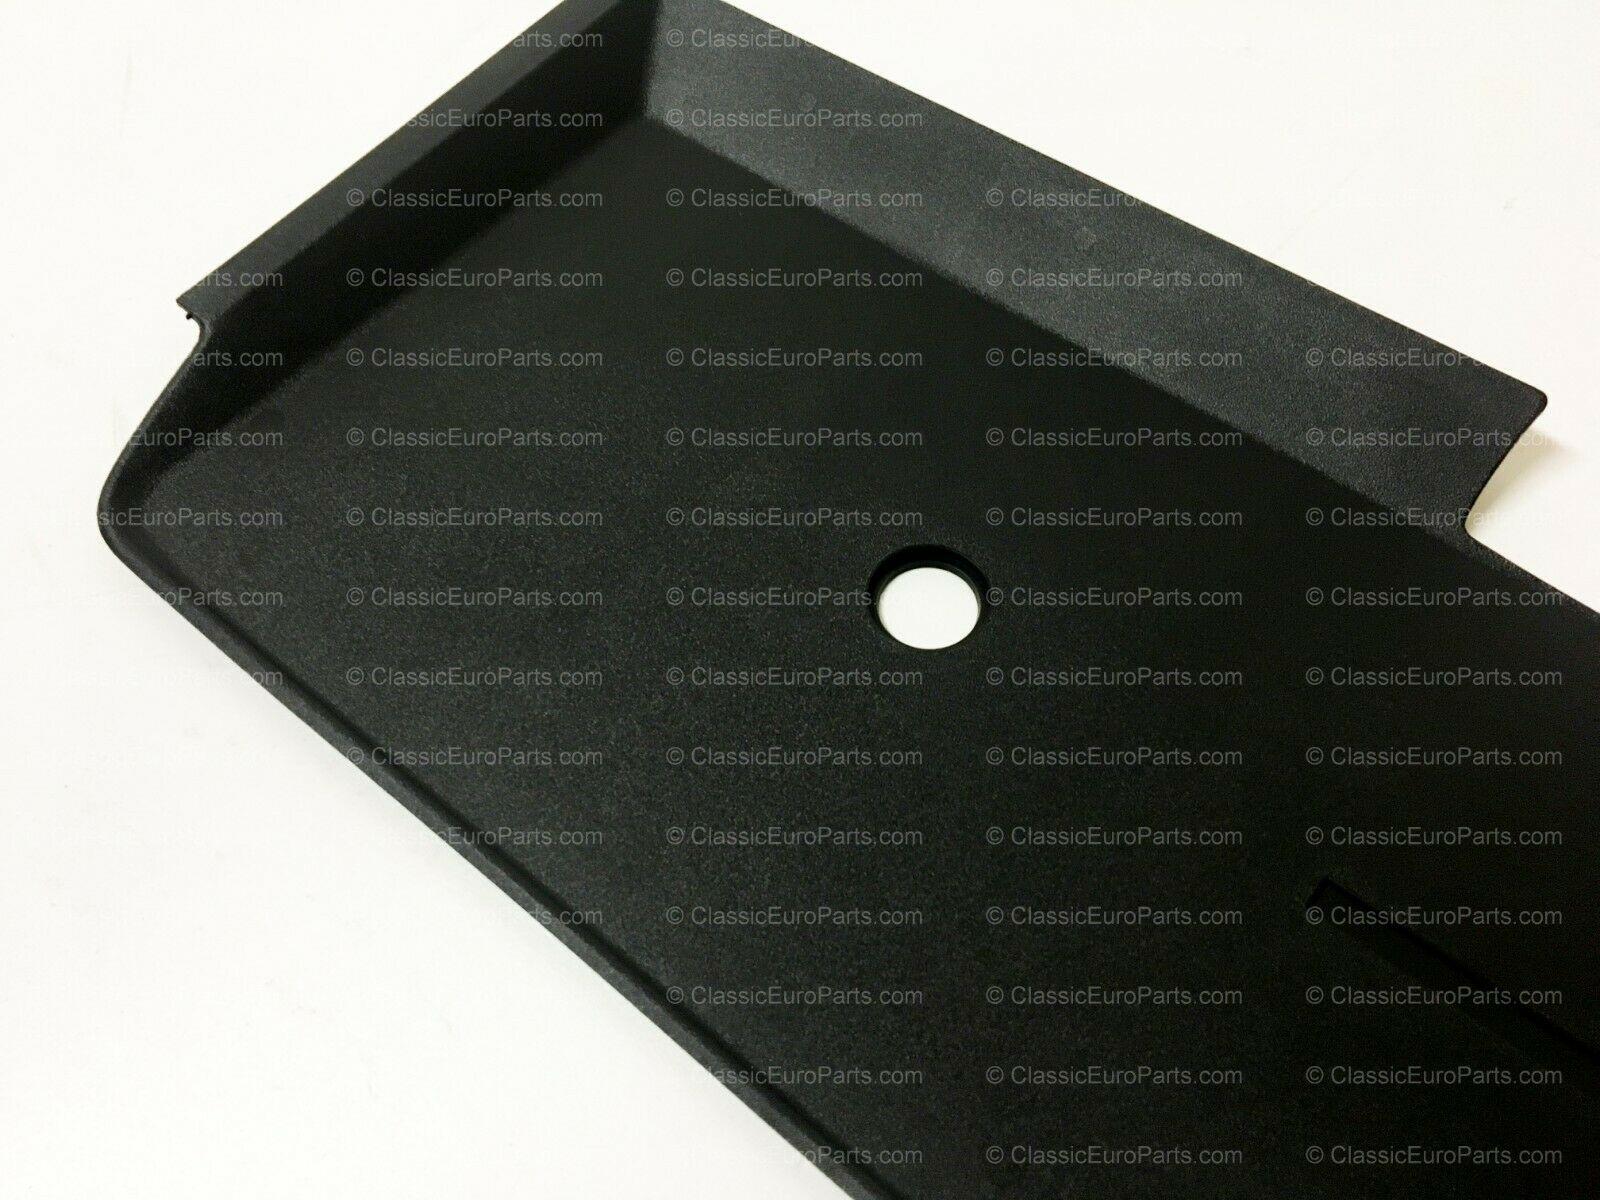 Euro heckblende / plate filler for early model E30 Original